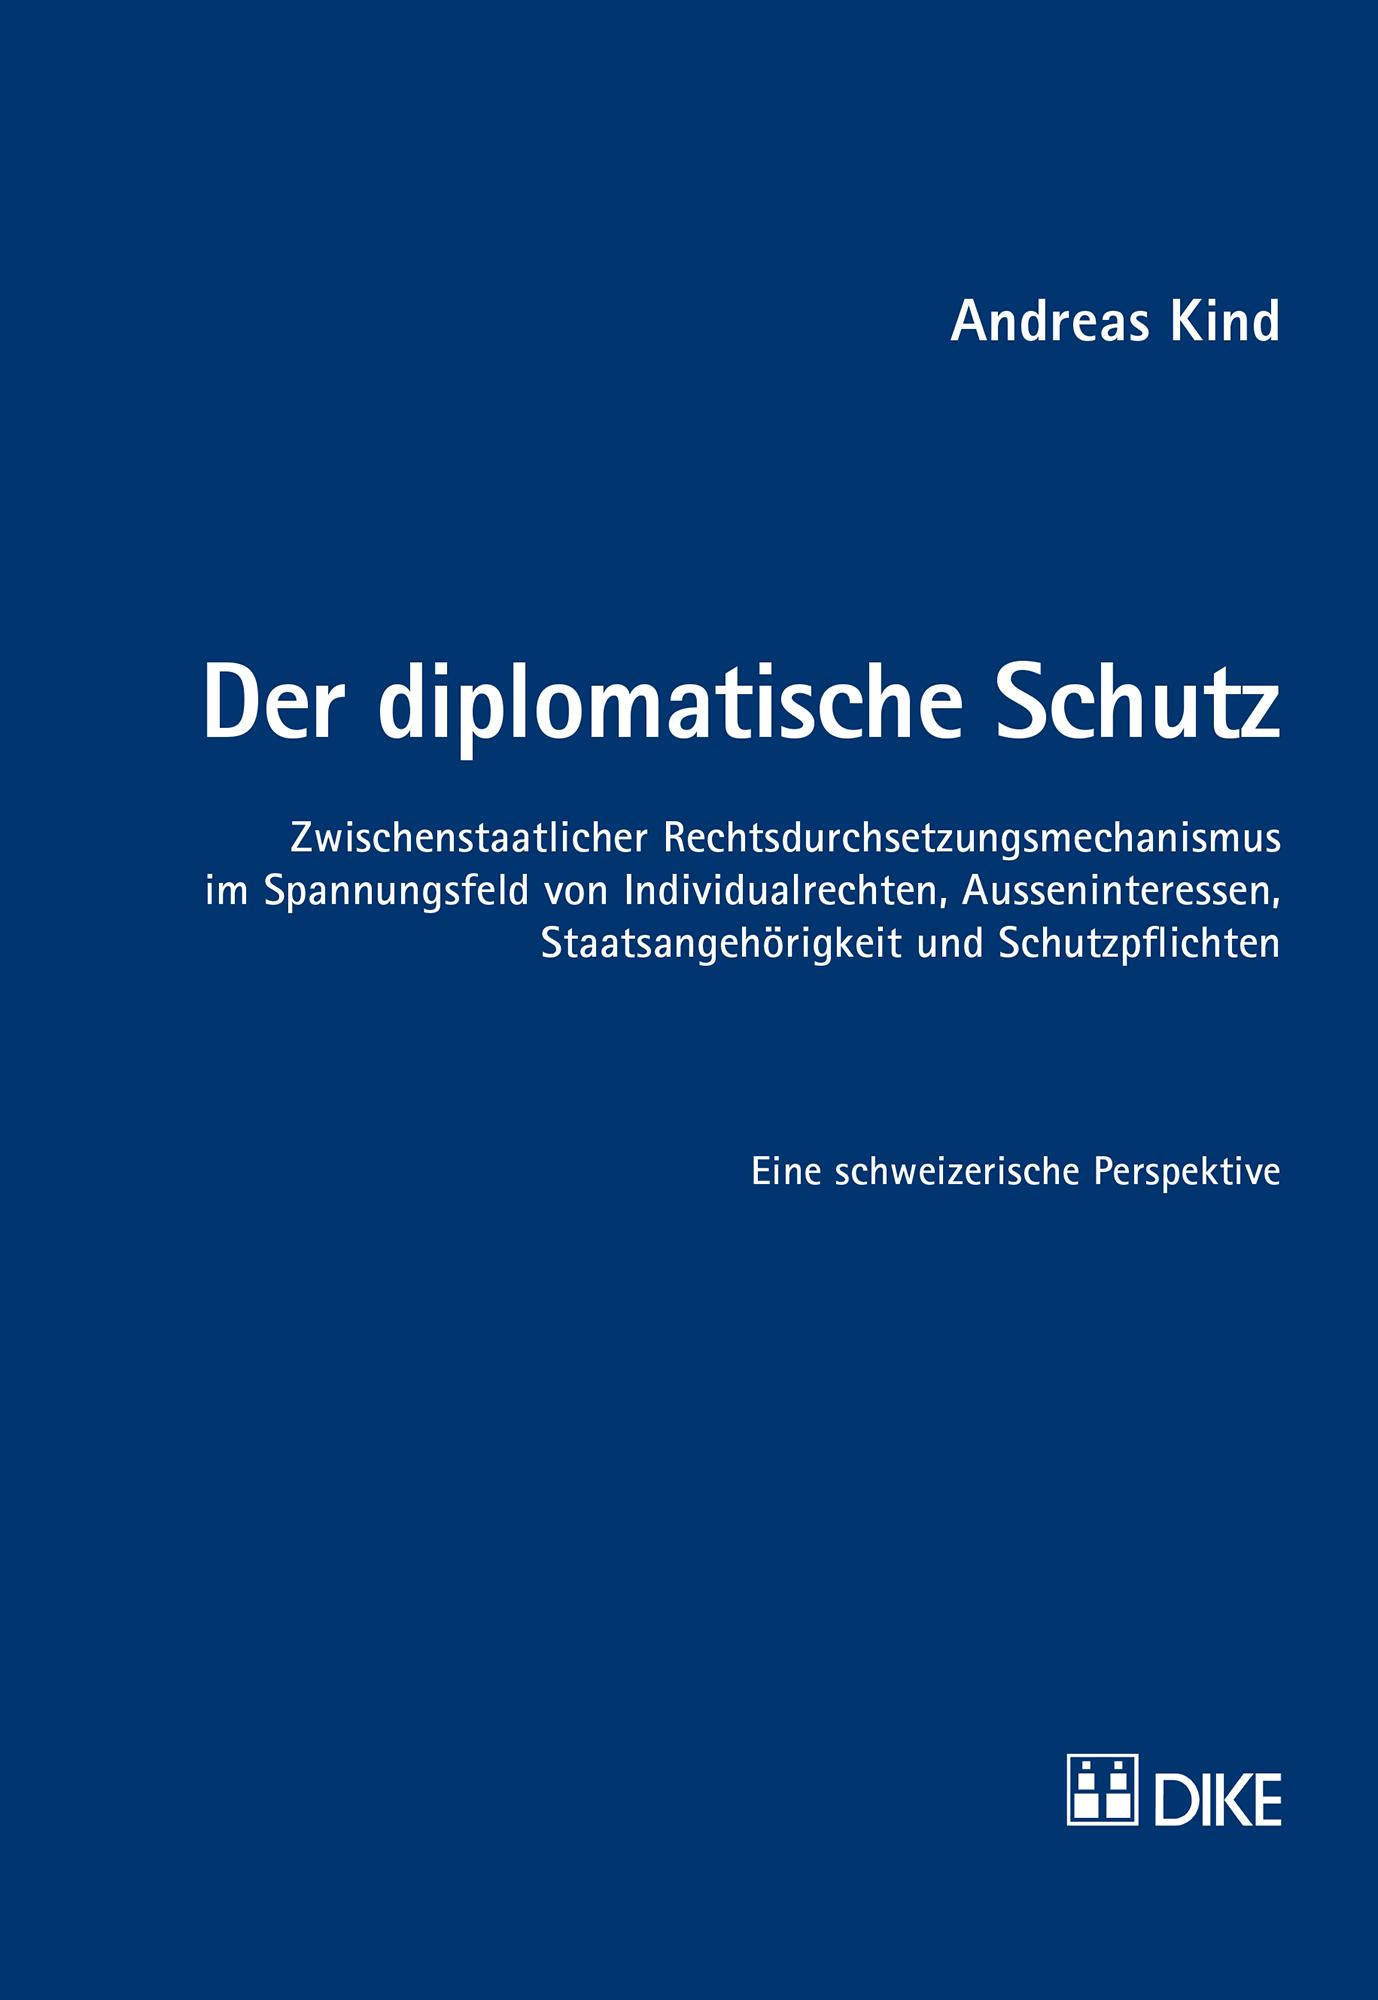 Der diplomatische Schutz